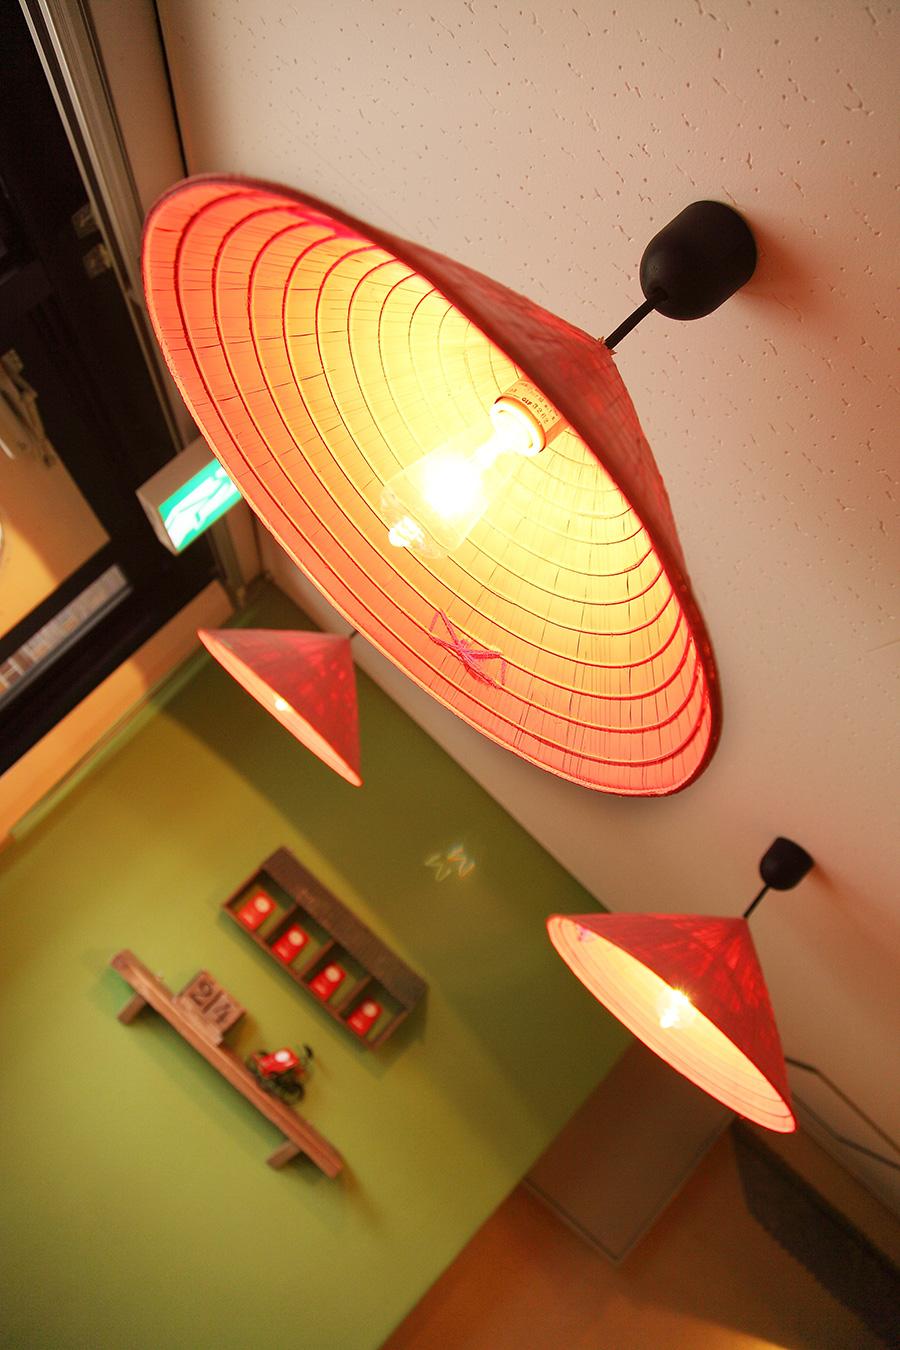 ベトナム料理店のオリジナル照明